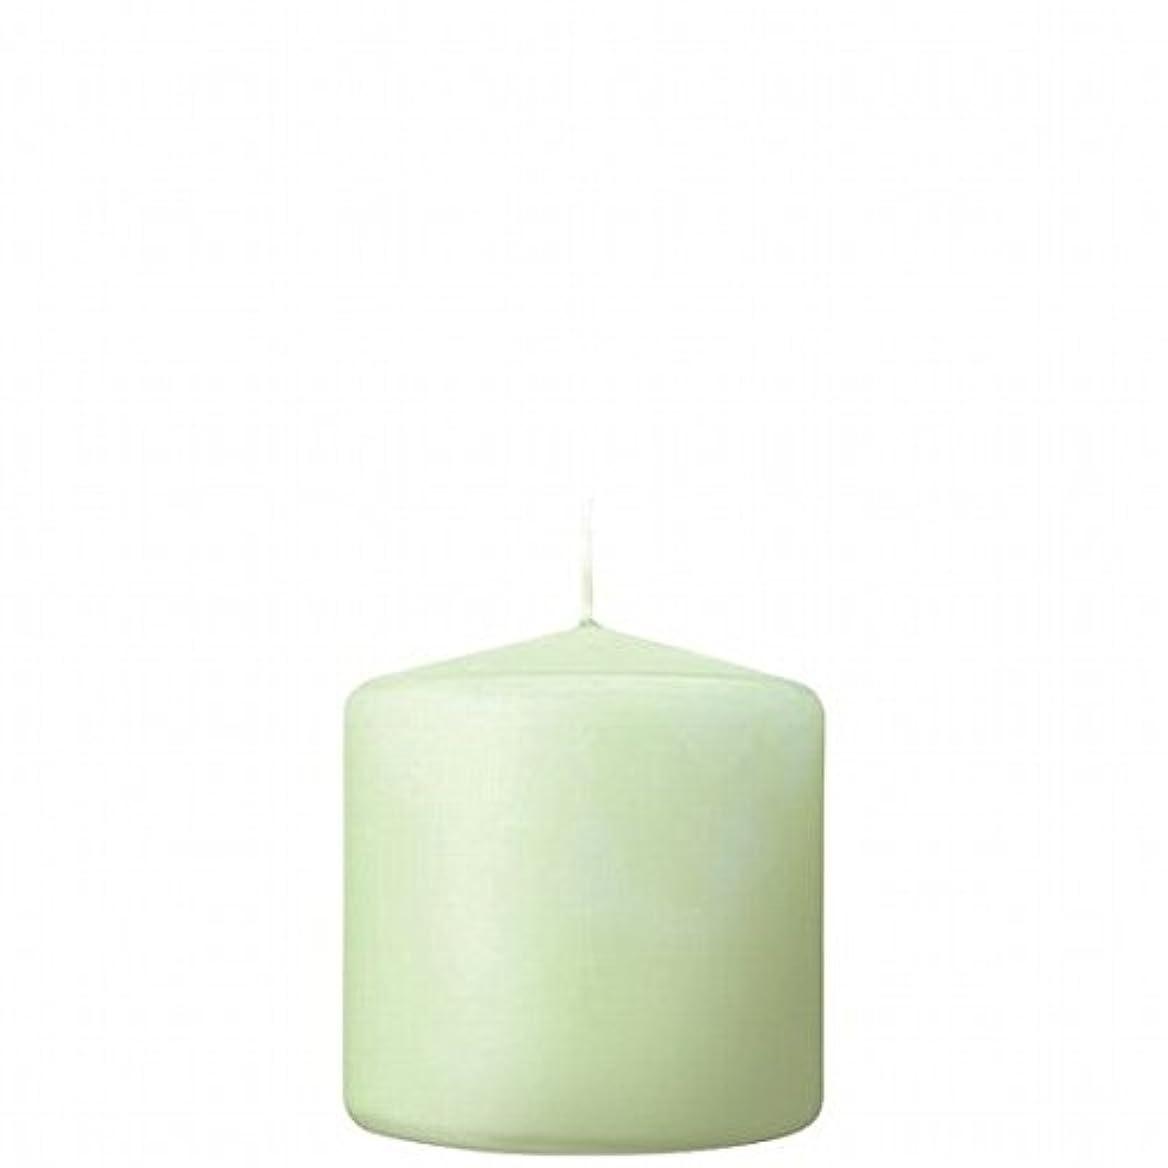 ダニポーン受粉するkameyama candle(カメヤマキャンドル) 3×3ベルトップピラーキャンドル 「 ホワイトグリーン 」(A9730000WG)